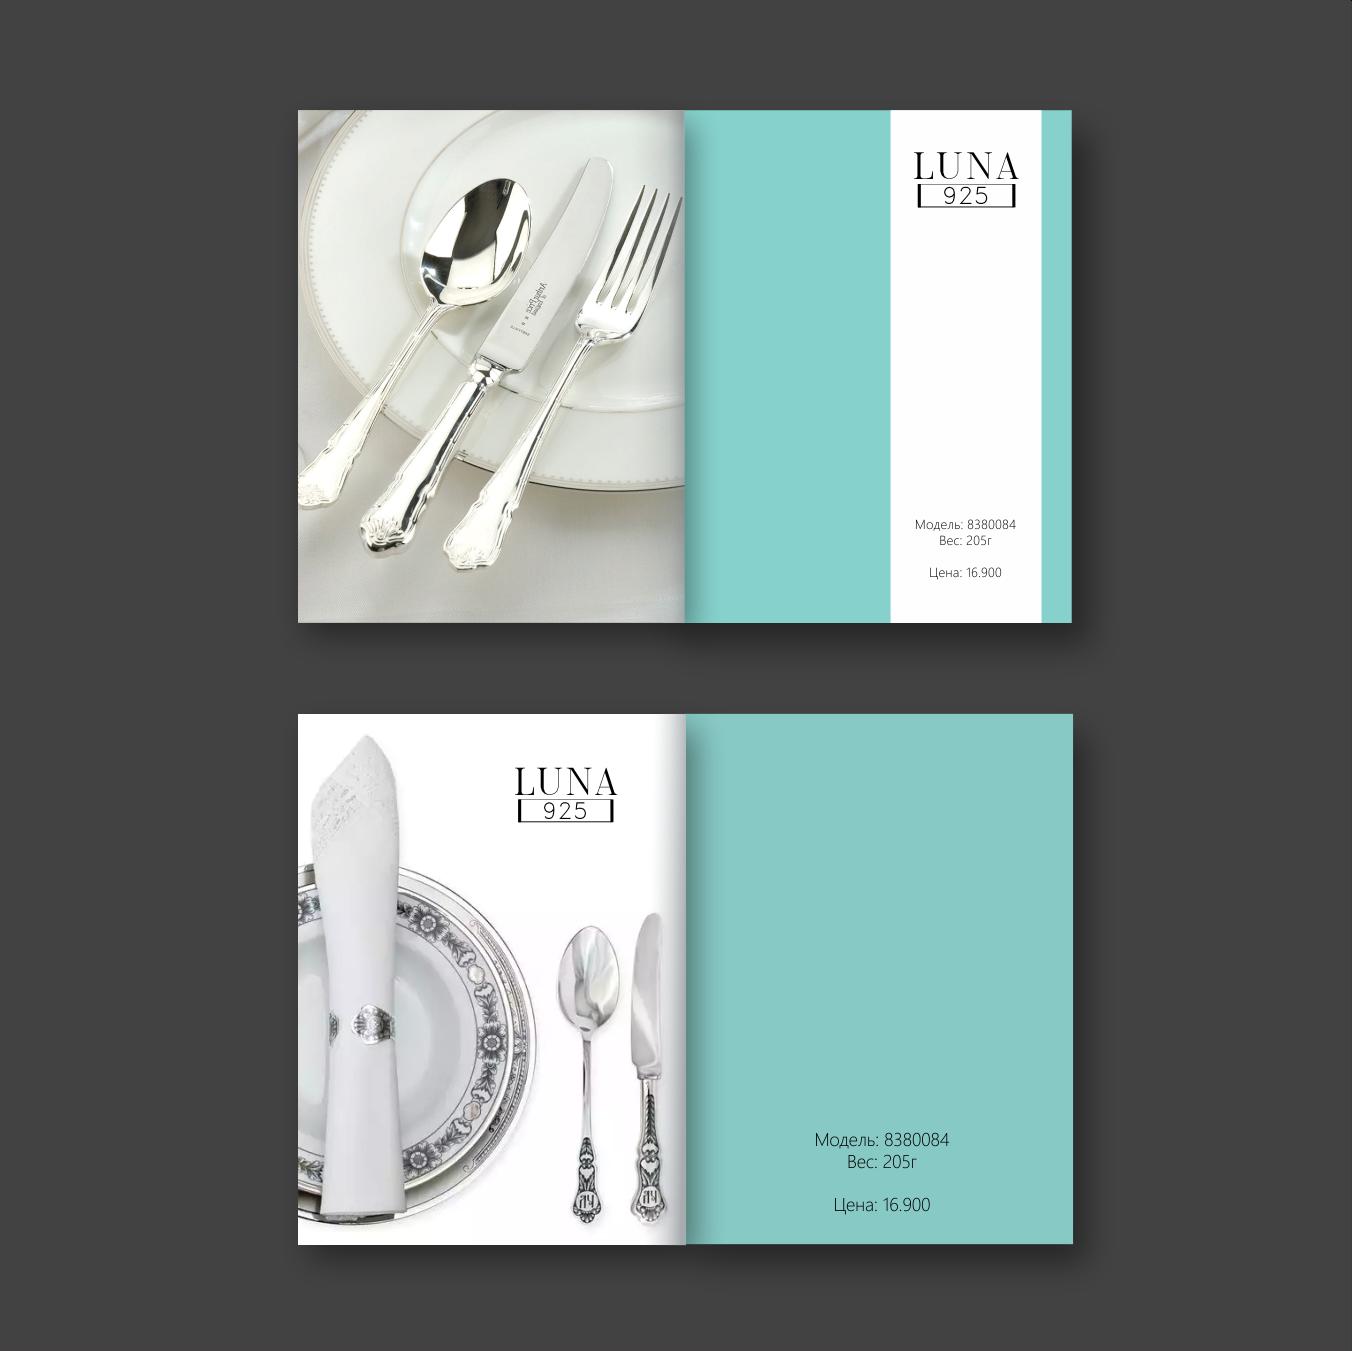 Логотип для столового серебра и посуды из серебра фото f_7175bacece0e41b9.png